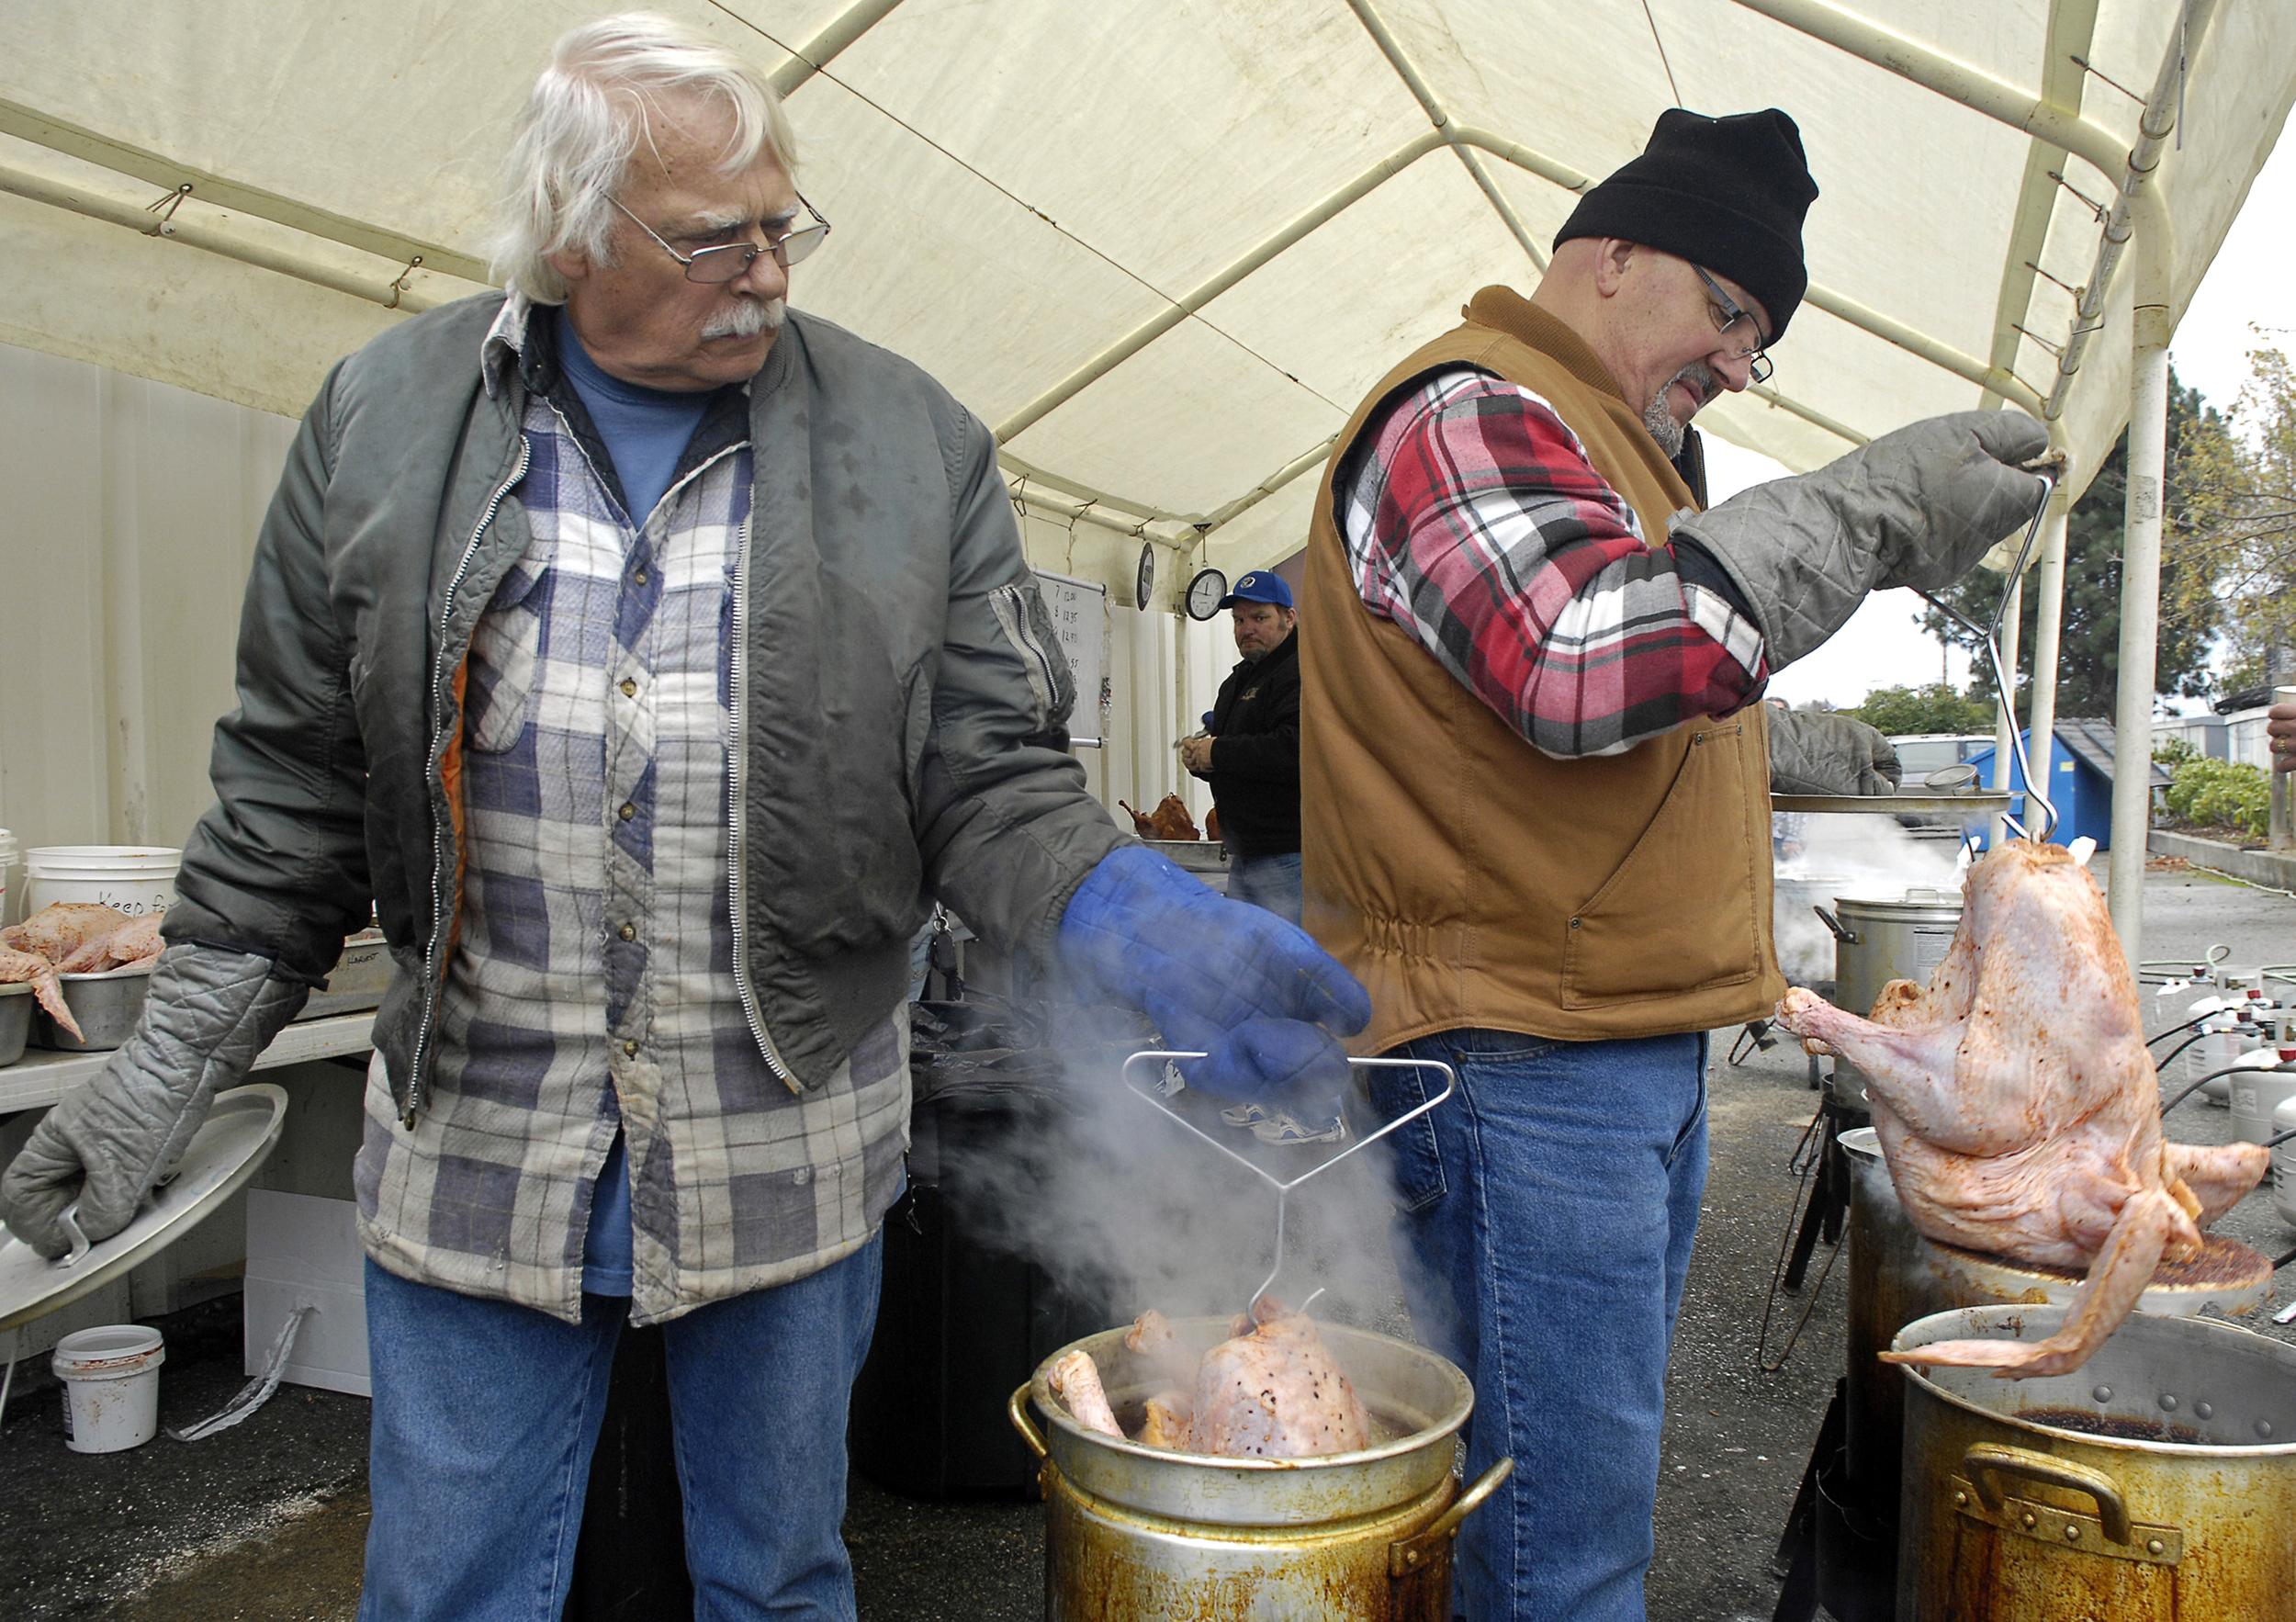 Frying the Turkeys